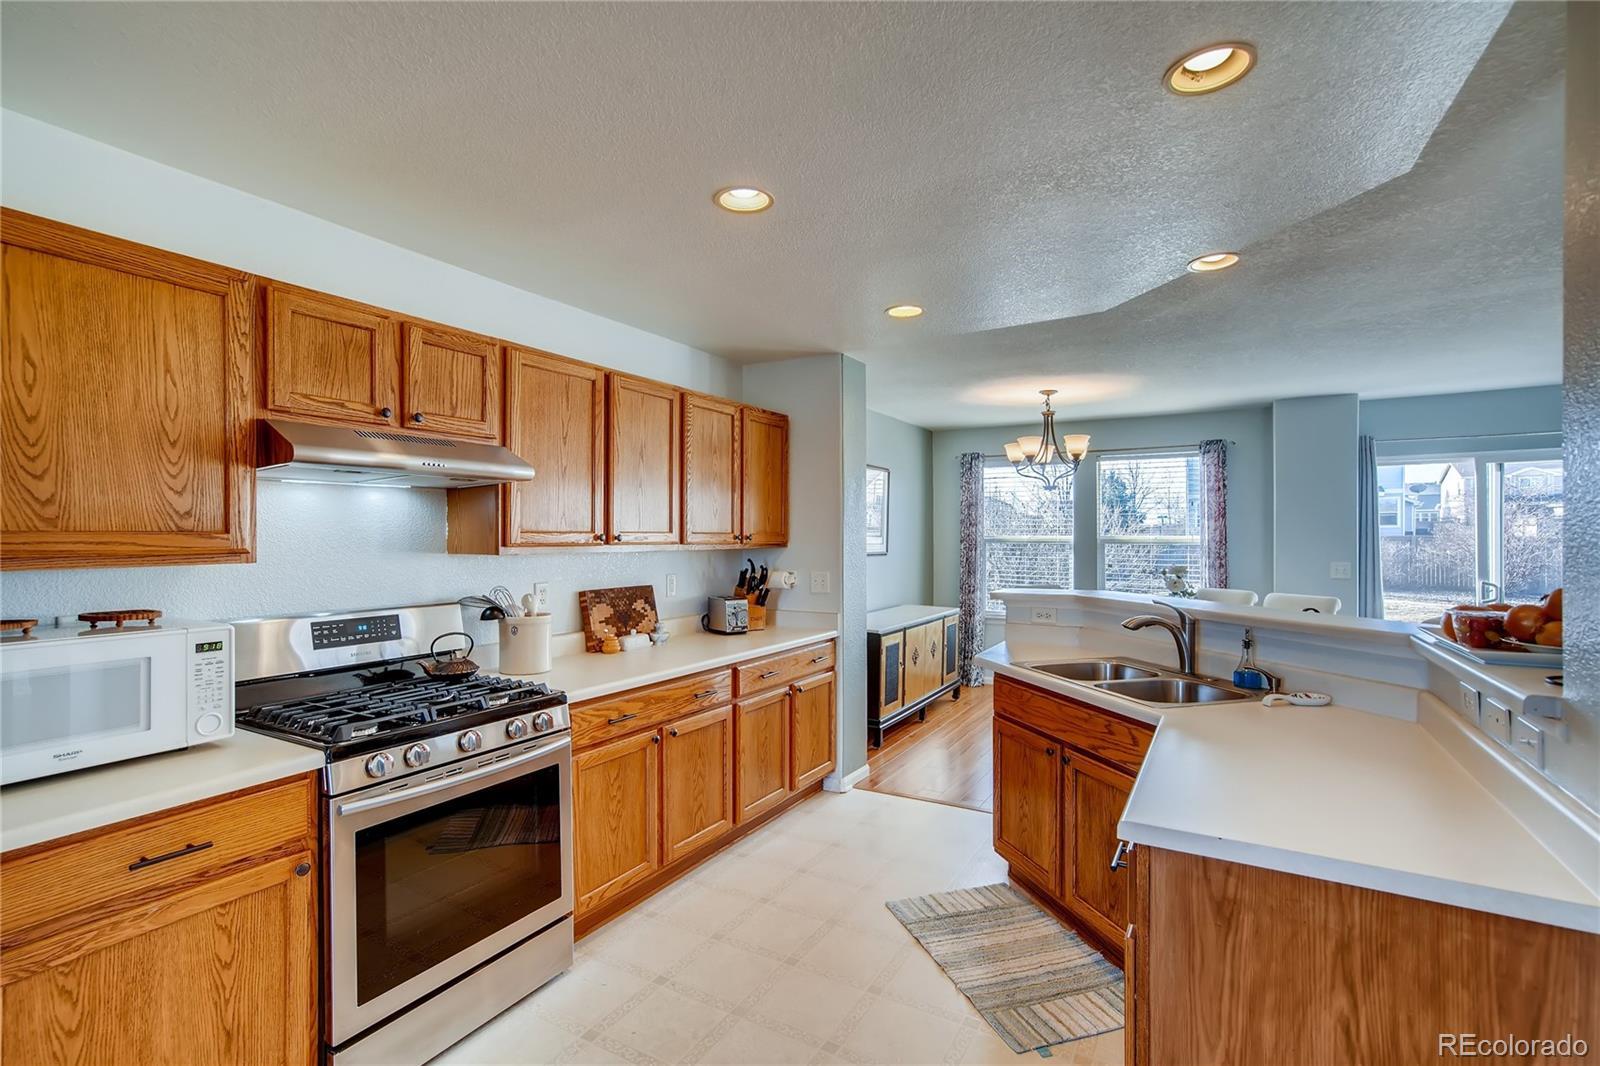 MLS# 9737423 - 4 - 1008 Kittery Street, Castle Rock, CO 80104